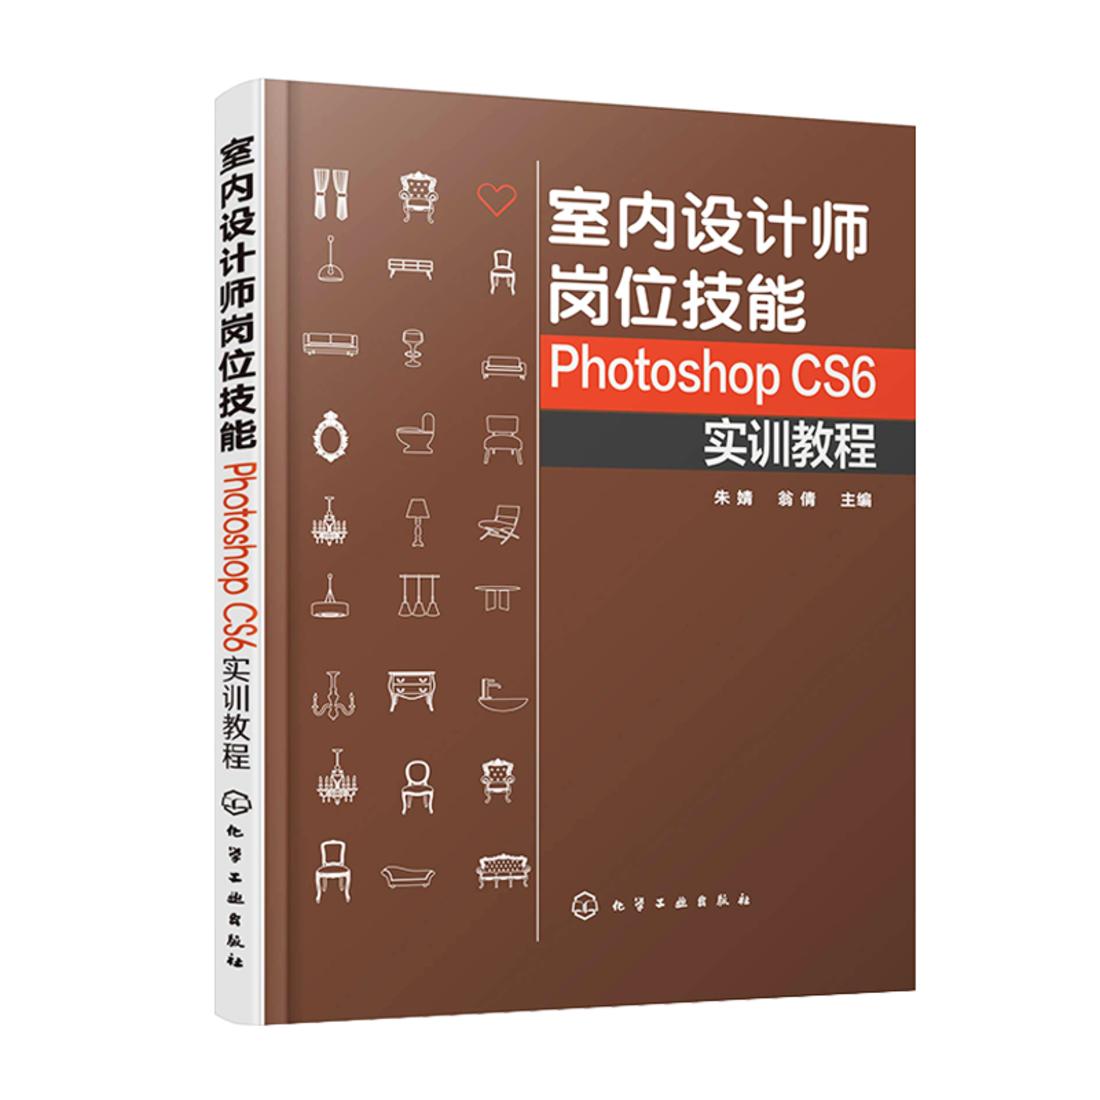 《室内设计师岗位技能--Photoshop CS6实训教程》